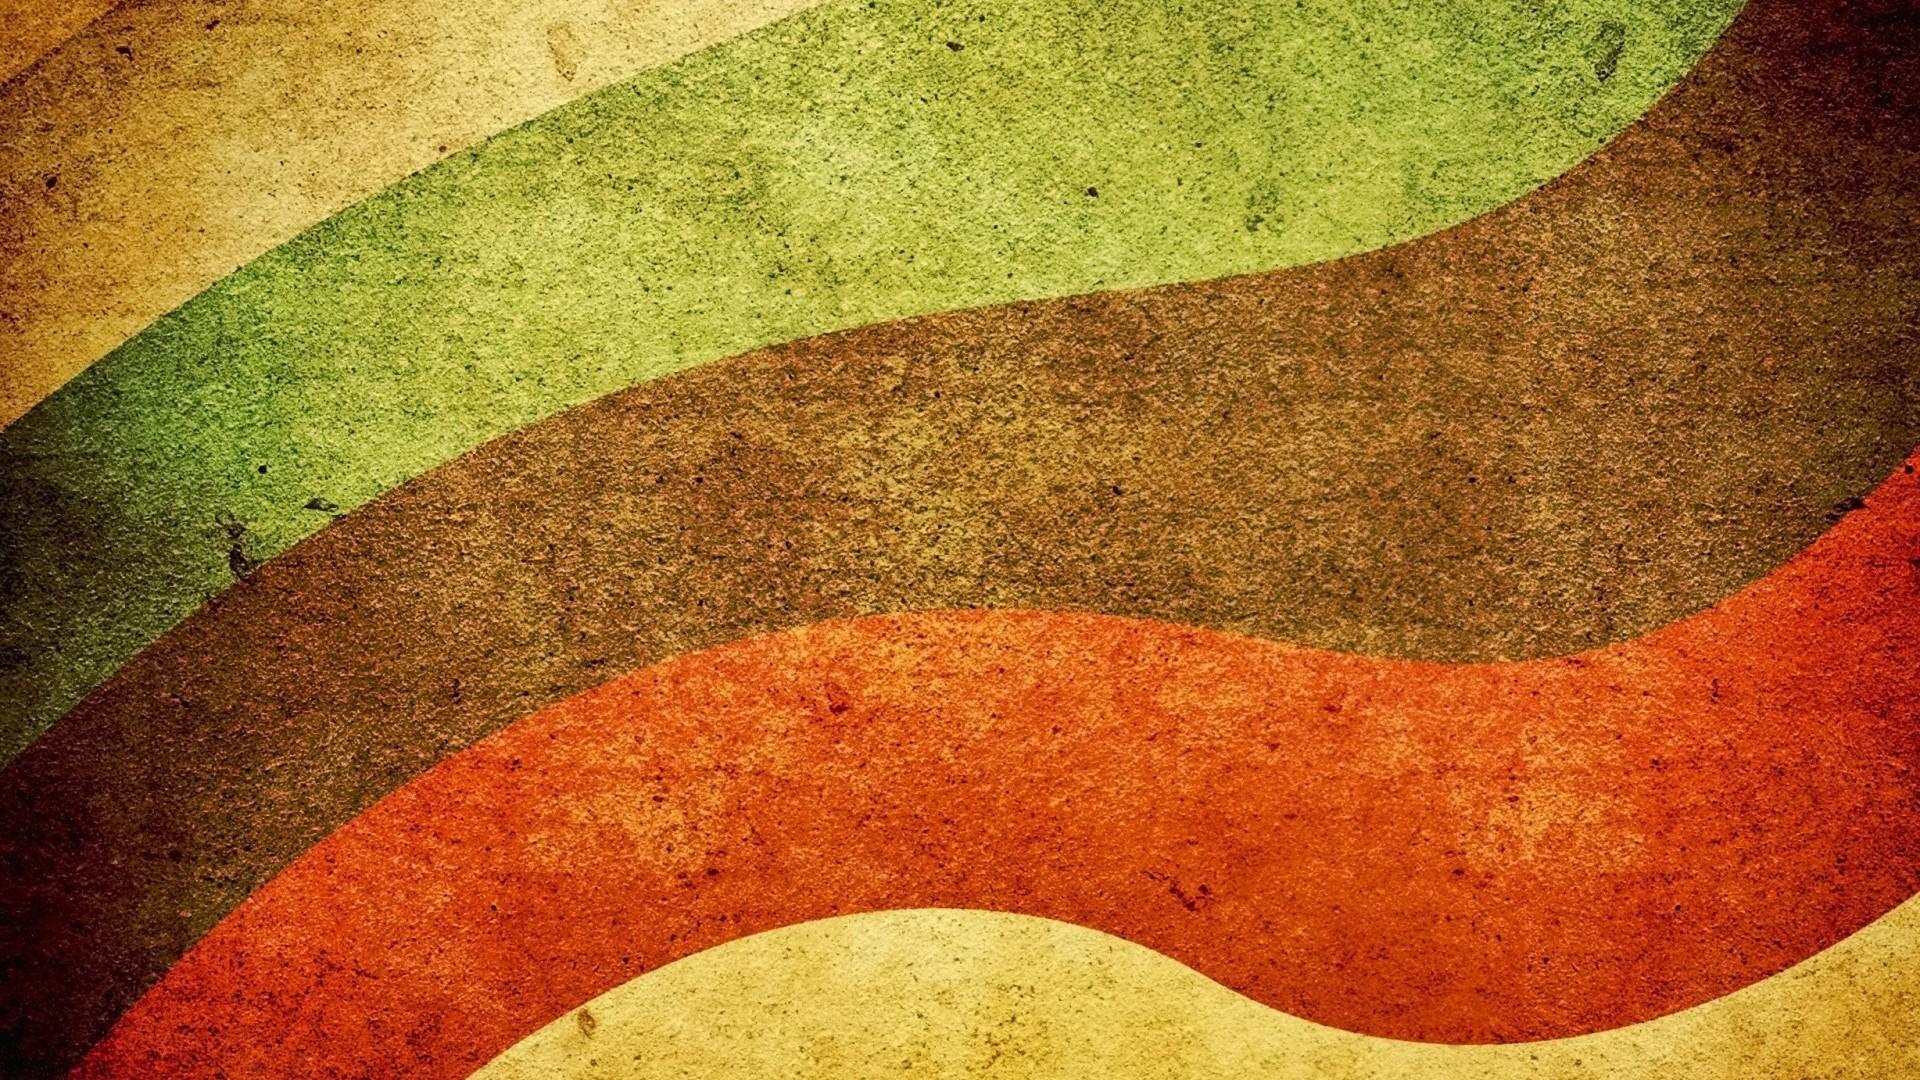 Разноцветный зернистый фон обои для